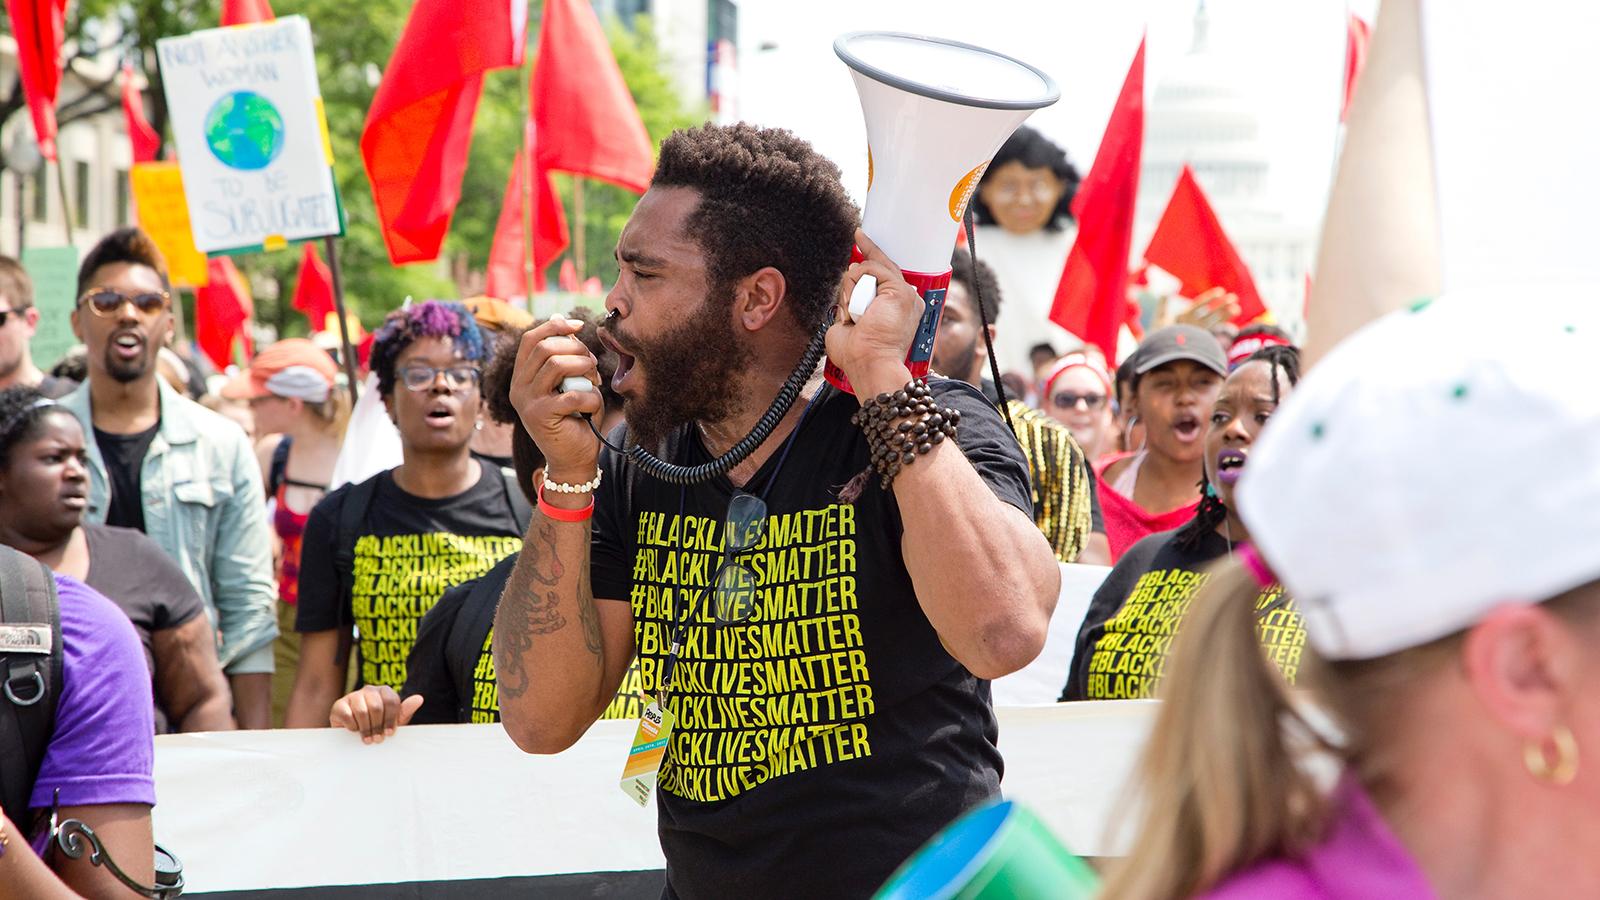 Black Lives Matter Protester with megaphone